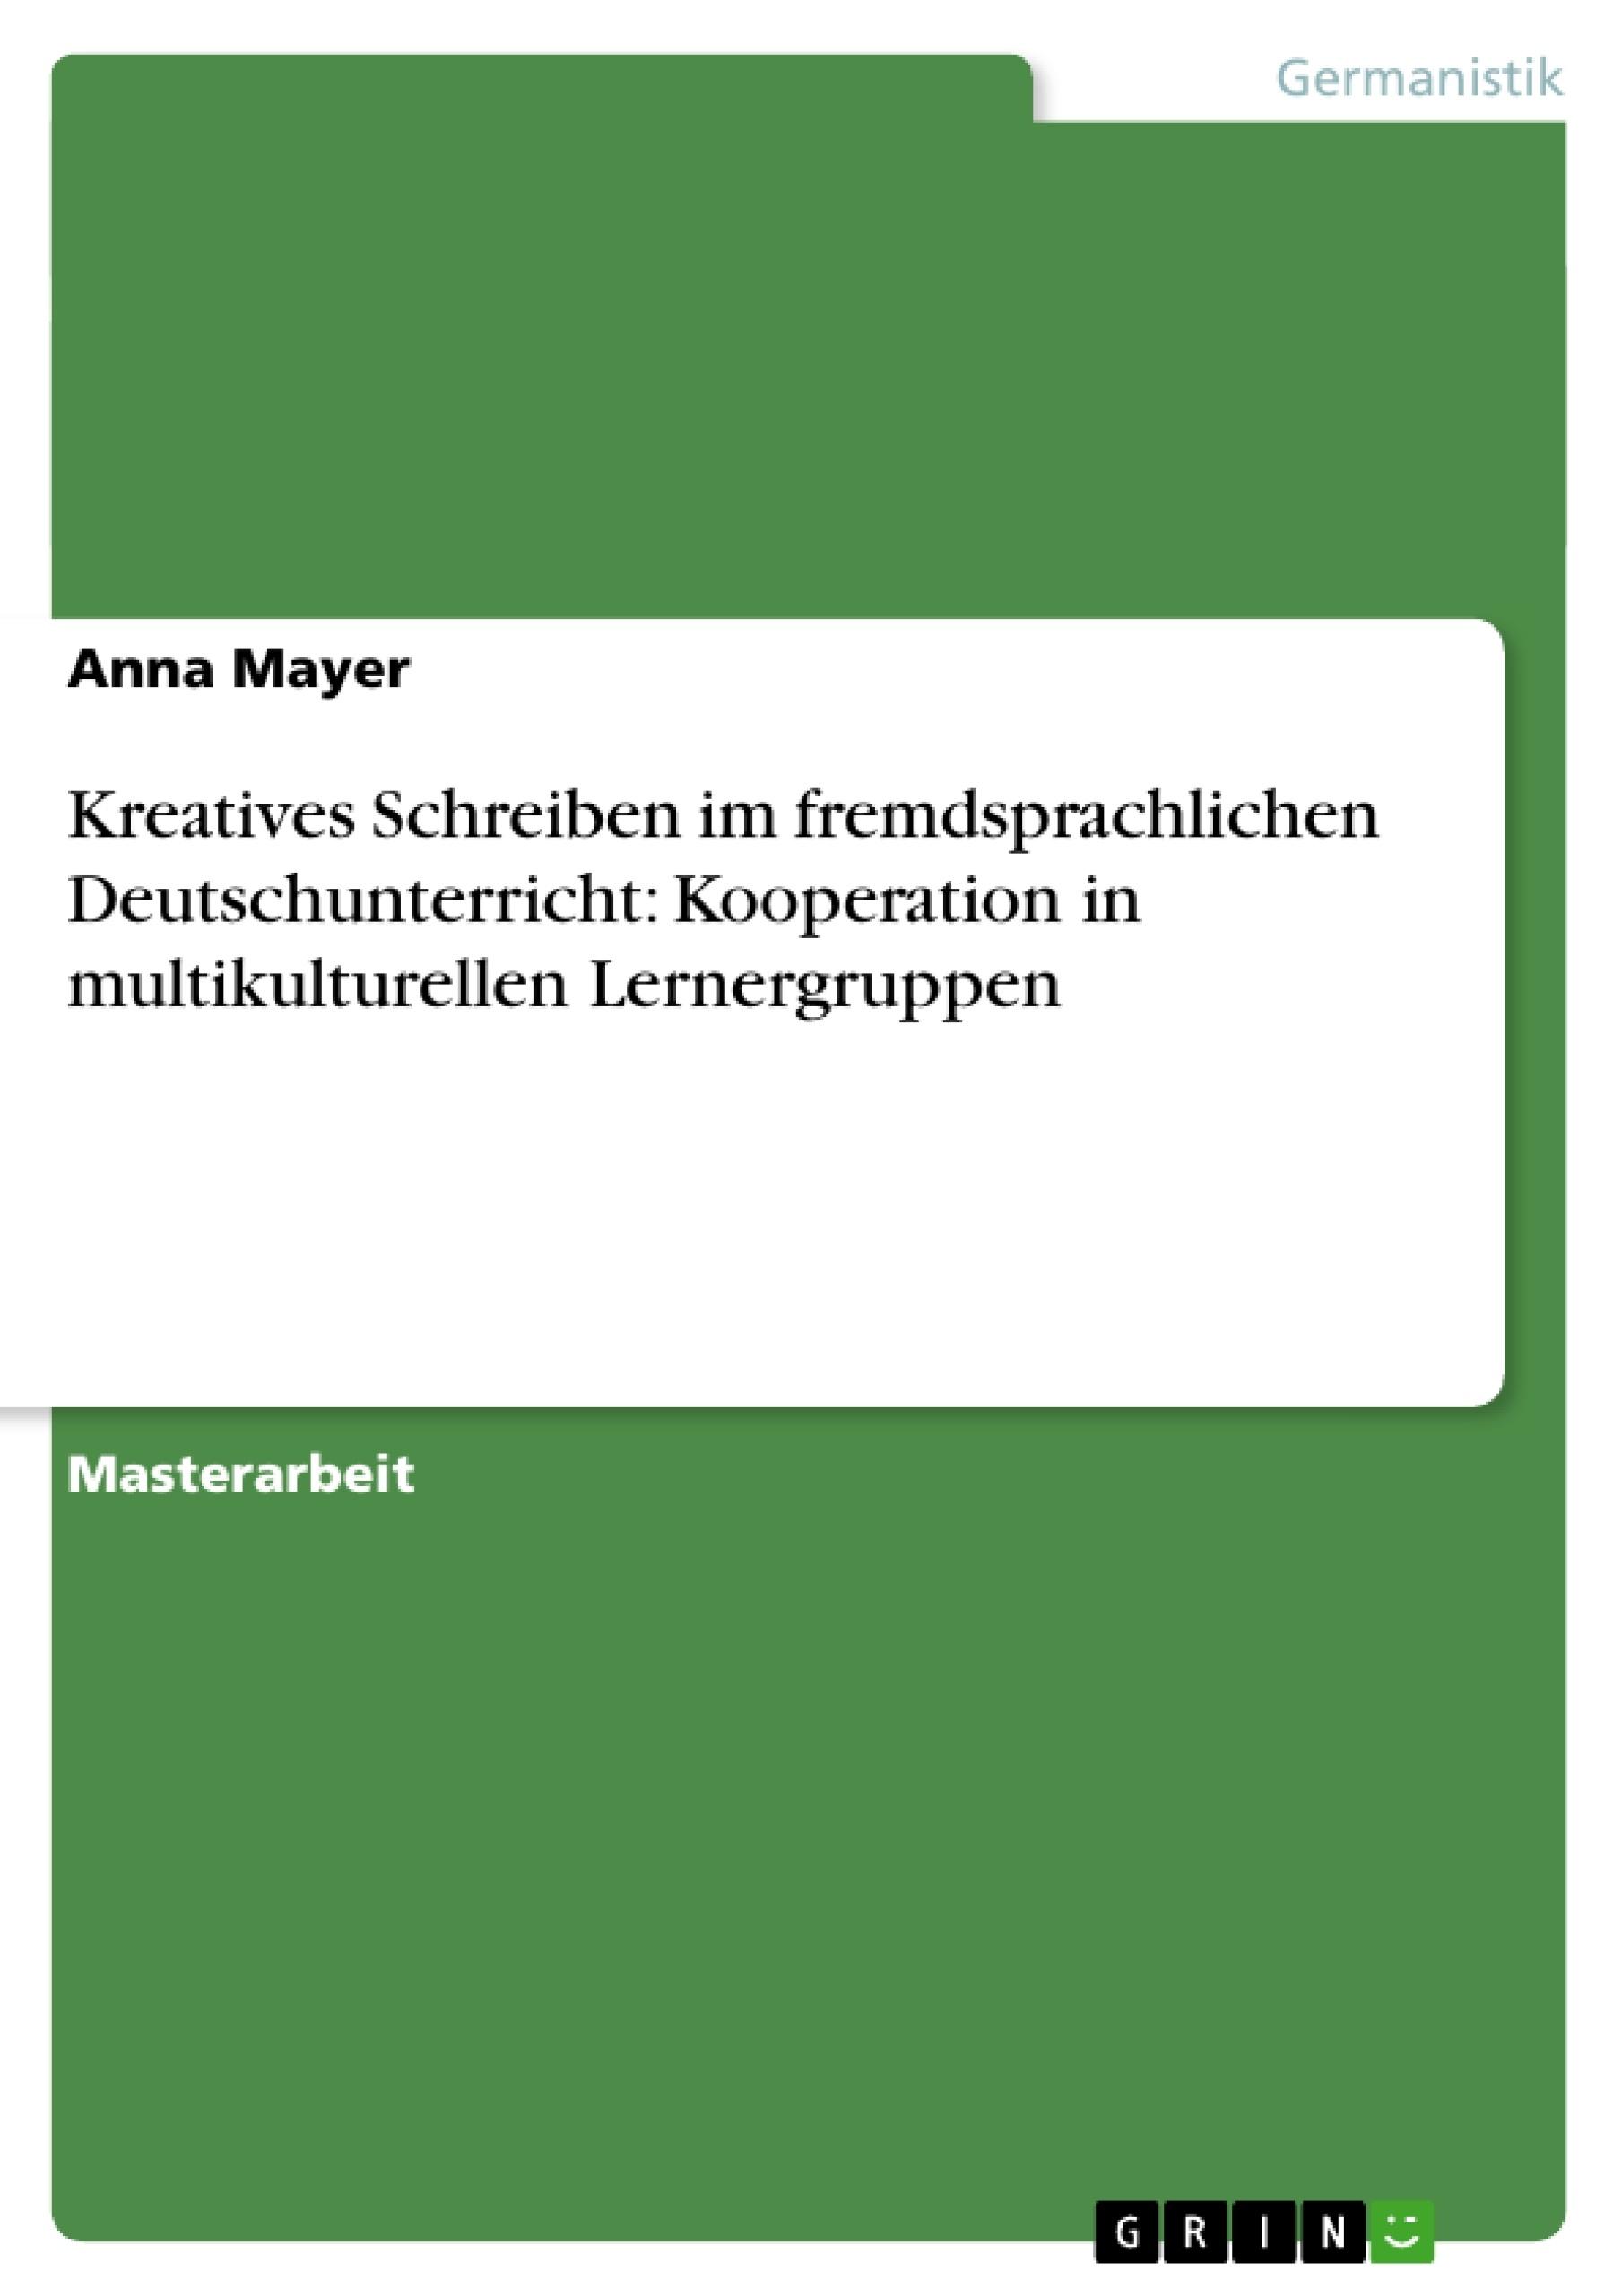 Titel: Kreatives Schreiben im fremdsprachlichen Deutschunterricht: Kooperation in multikulturellen Lernergruppen